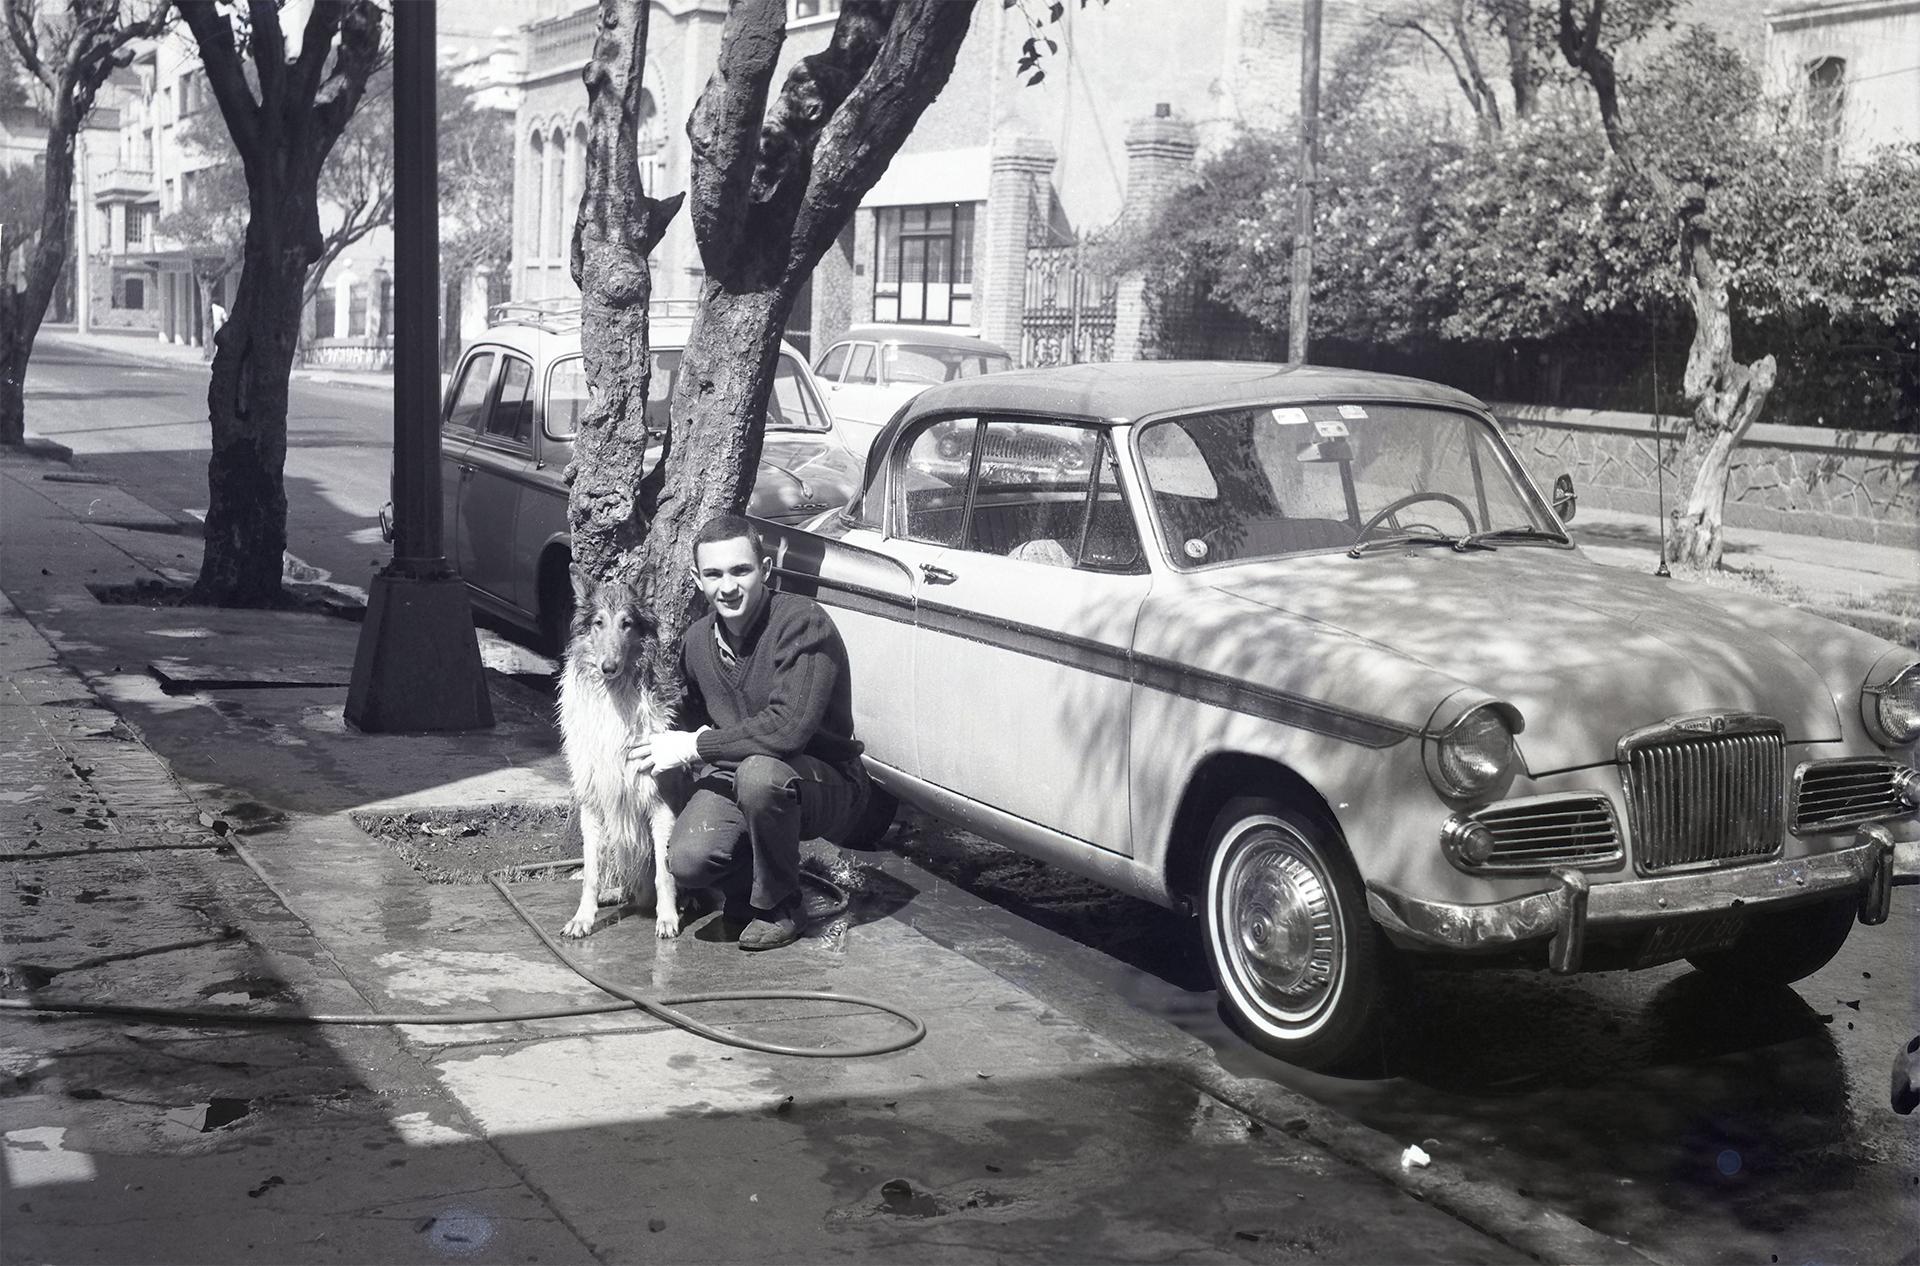 Fotografía de Emérico 'Chiki' Weisz tomada a su hijo Pablo en el frente de la casa